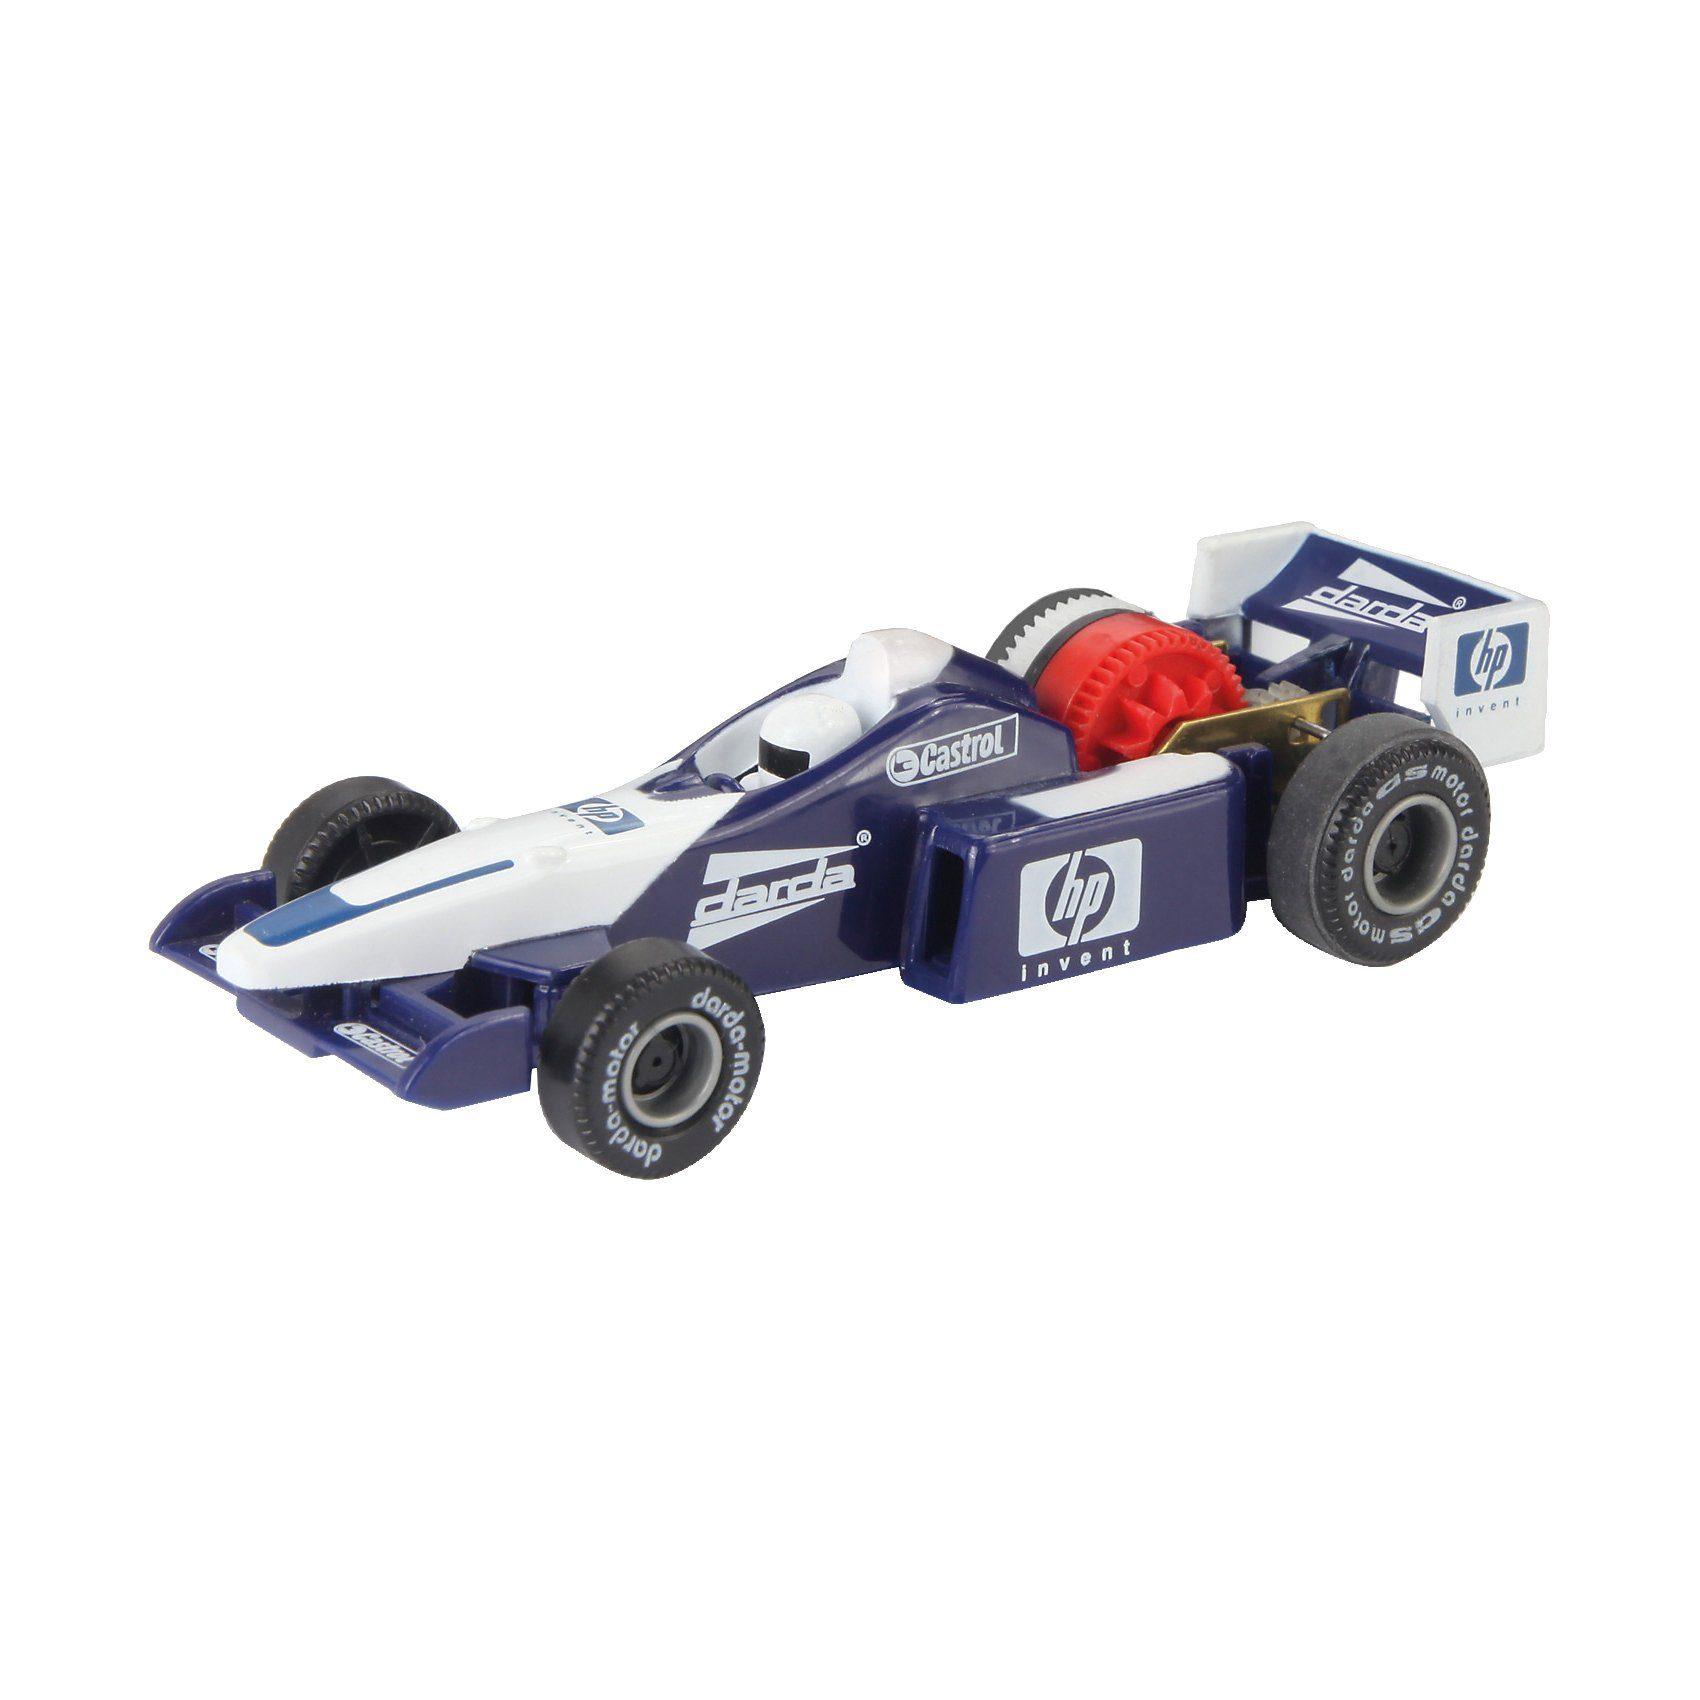 Darda Formel 1 Rennwagen, blau